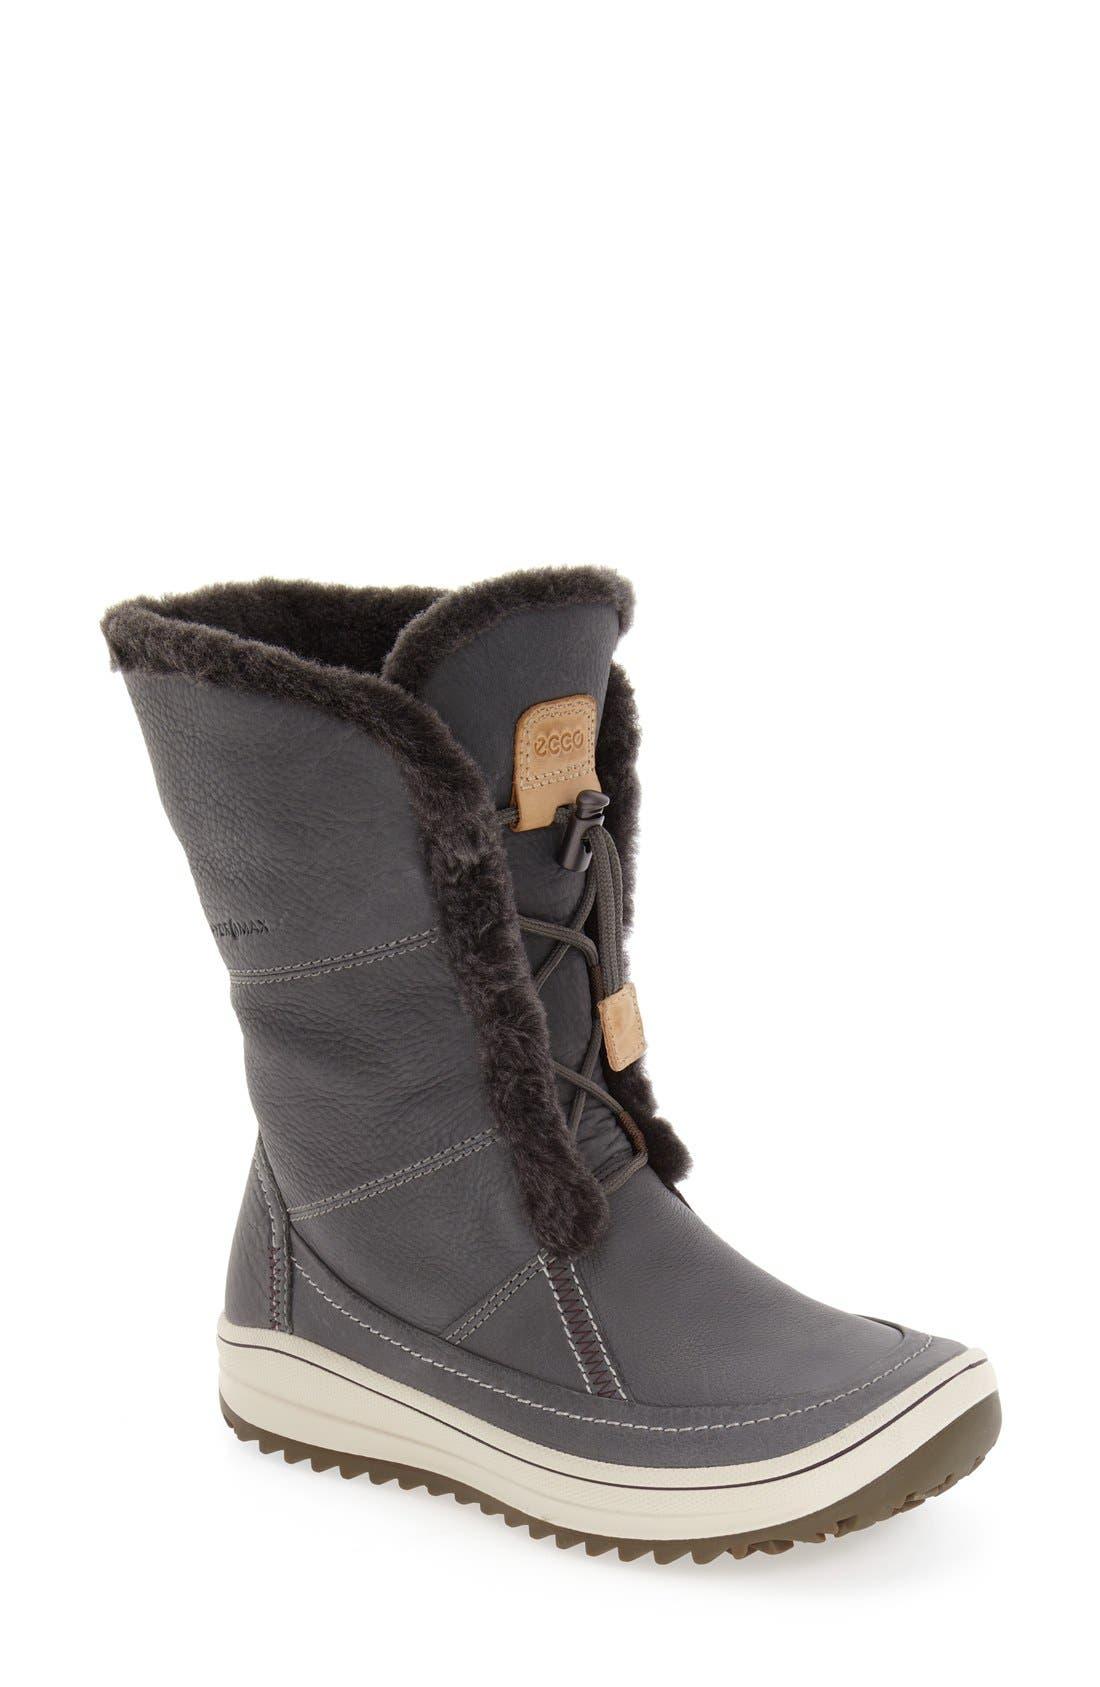 ECCO 'Trace' Snow Boot